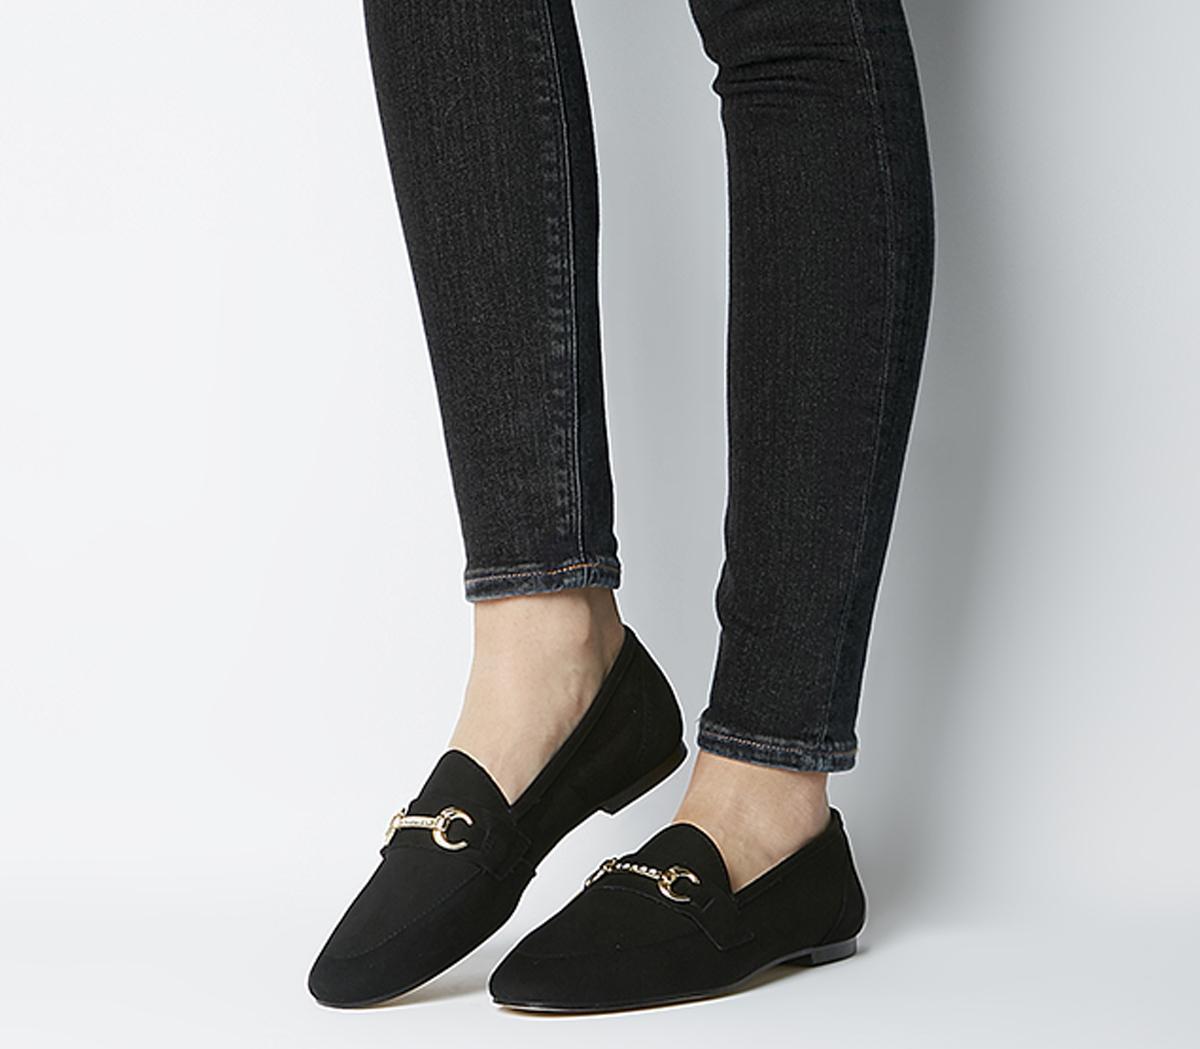 Fancy Trim Loafers